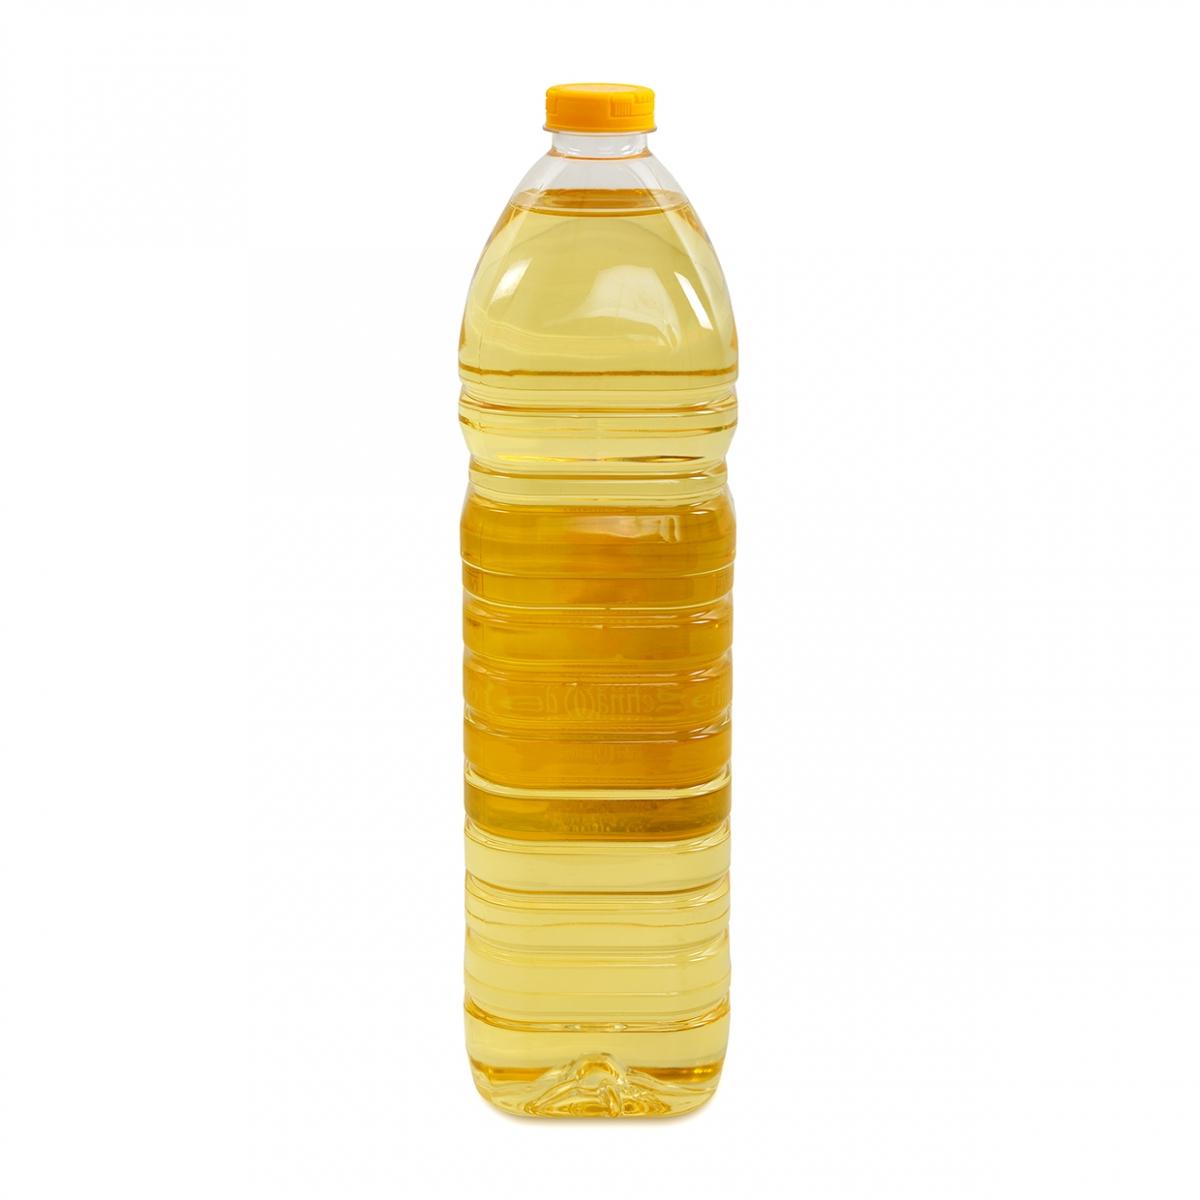 Imagen en la que se ve una botella de aceite de girasol